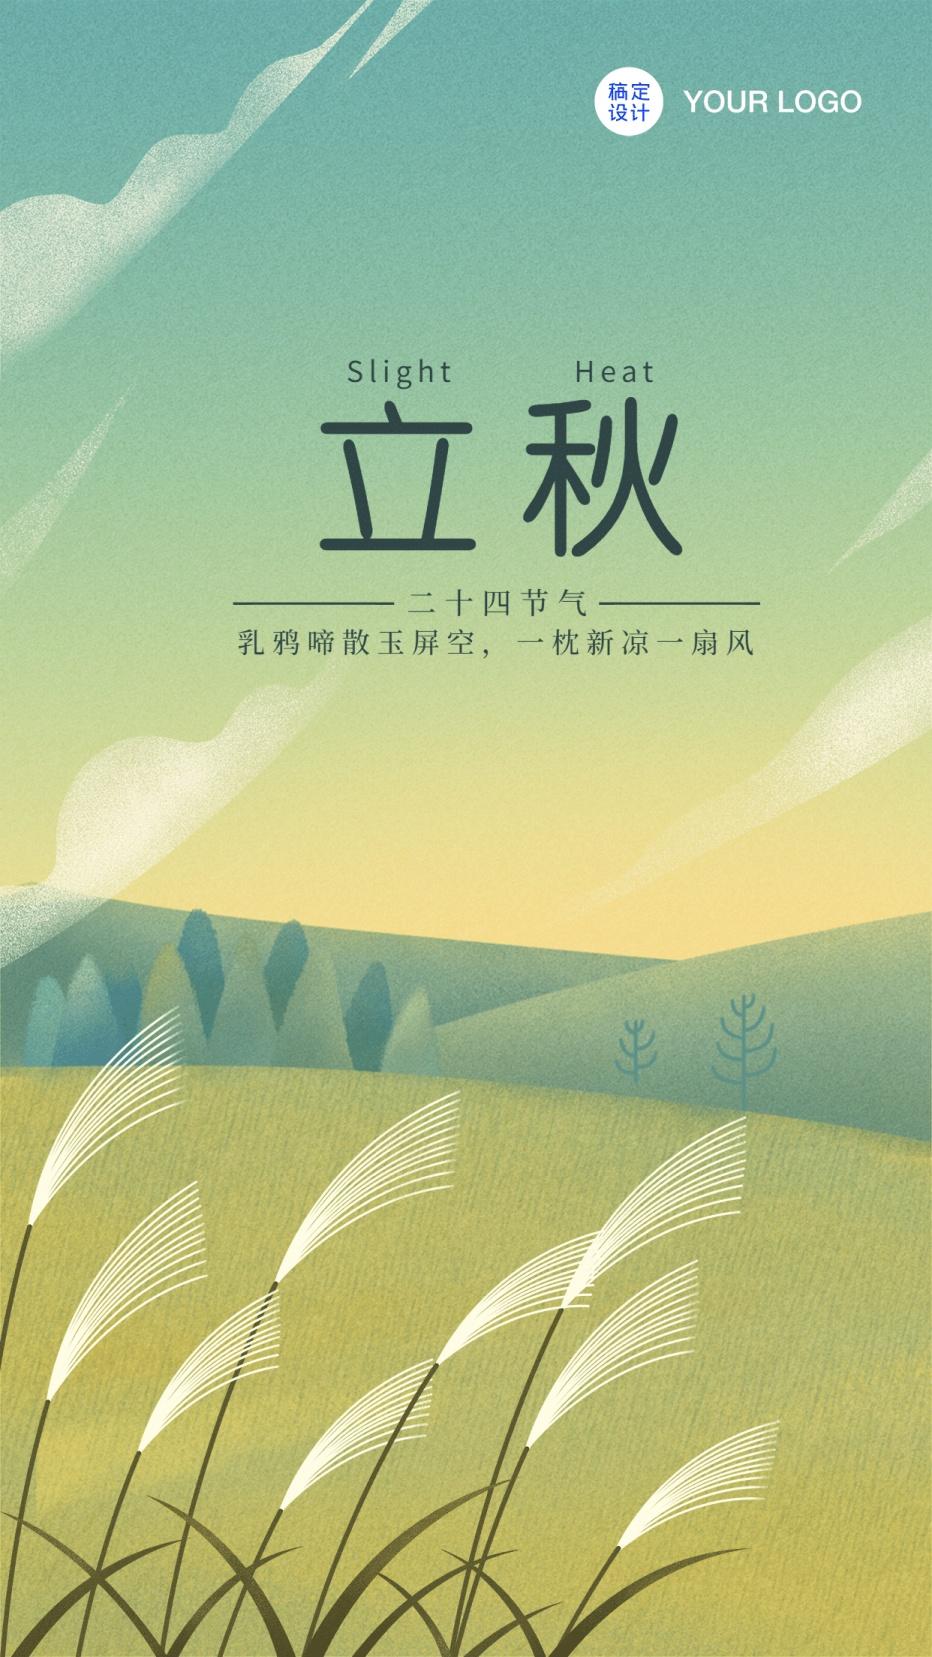 立秋节气问候秋天秋季早安手机海报